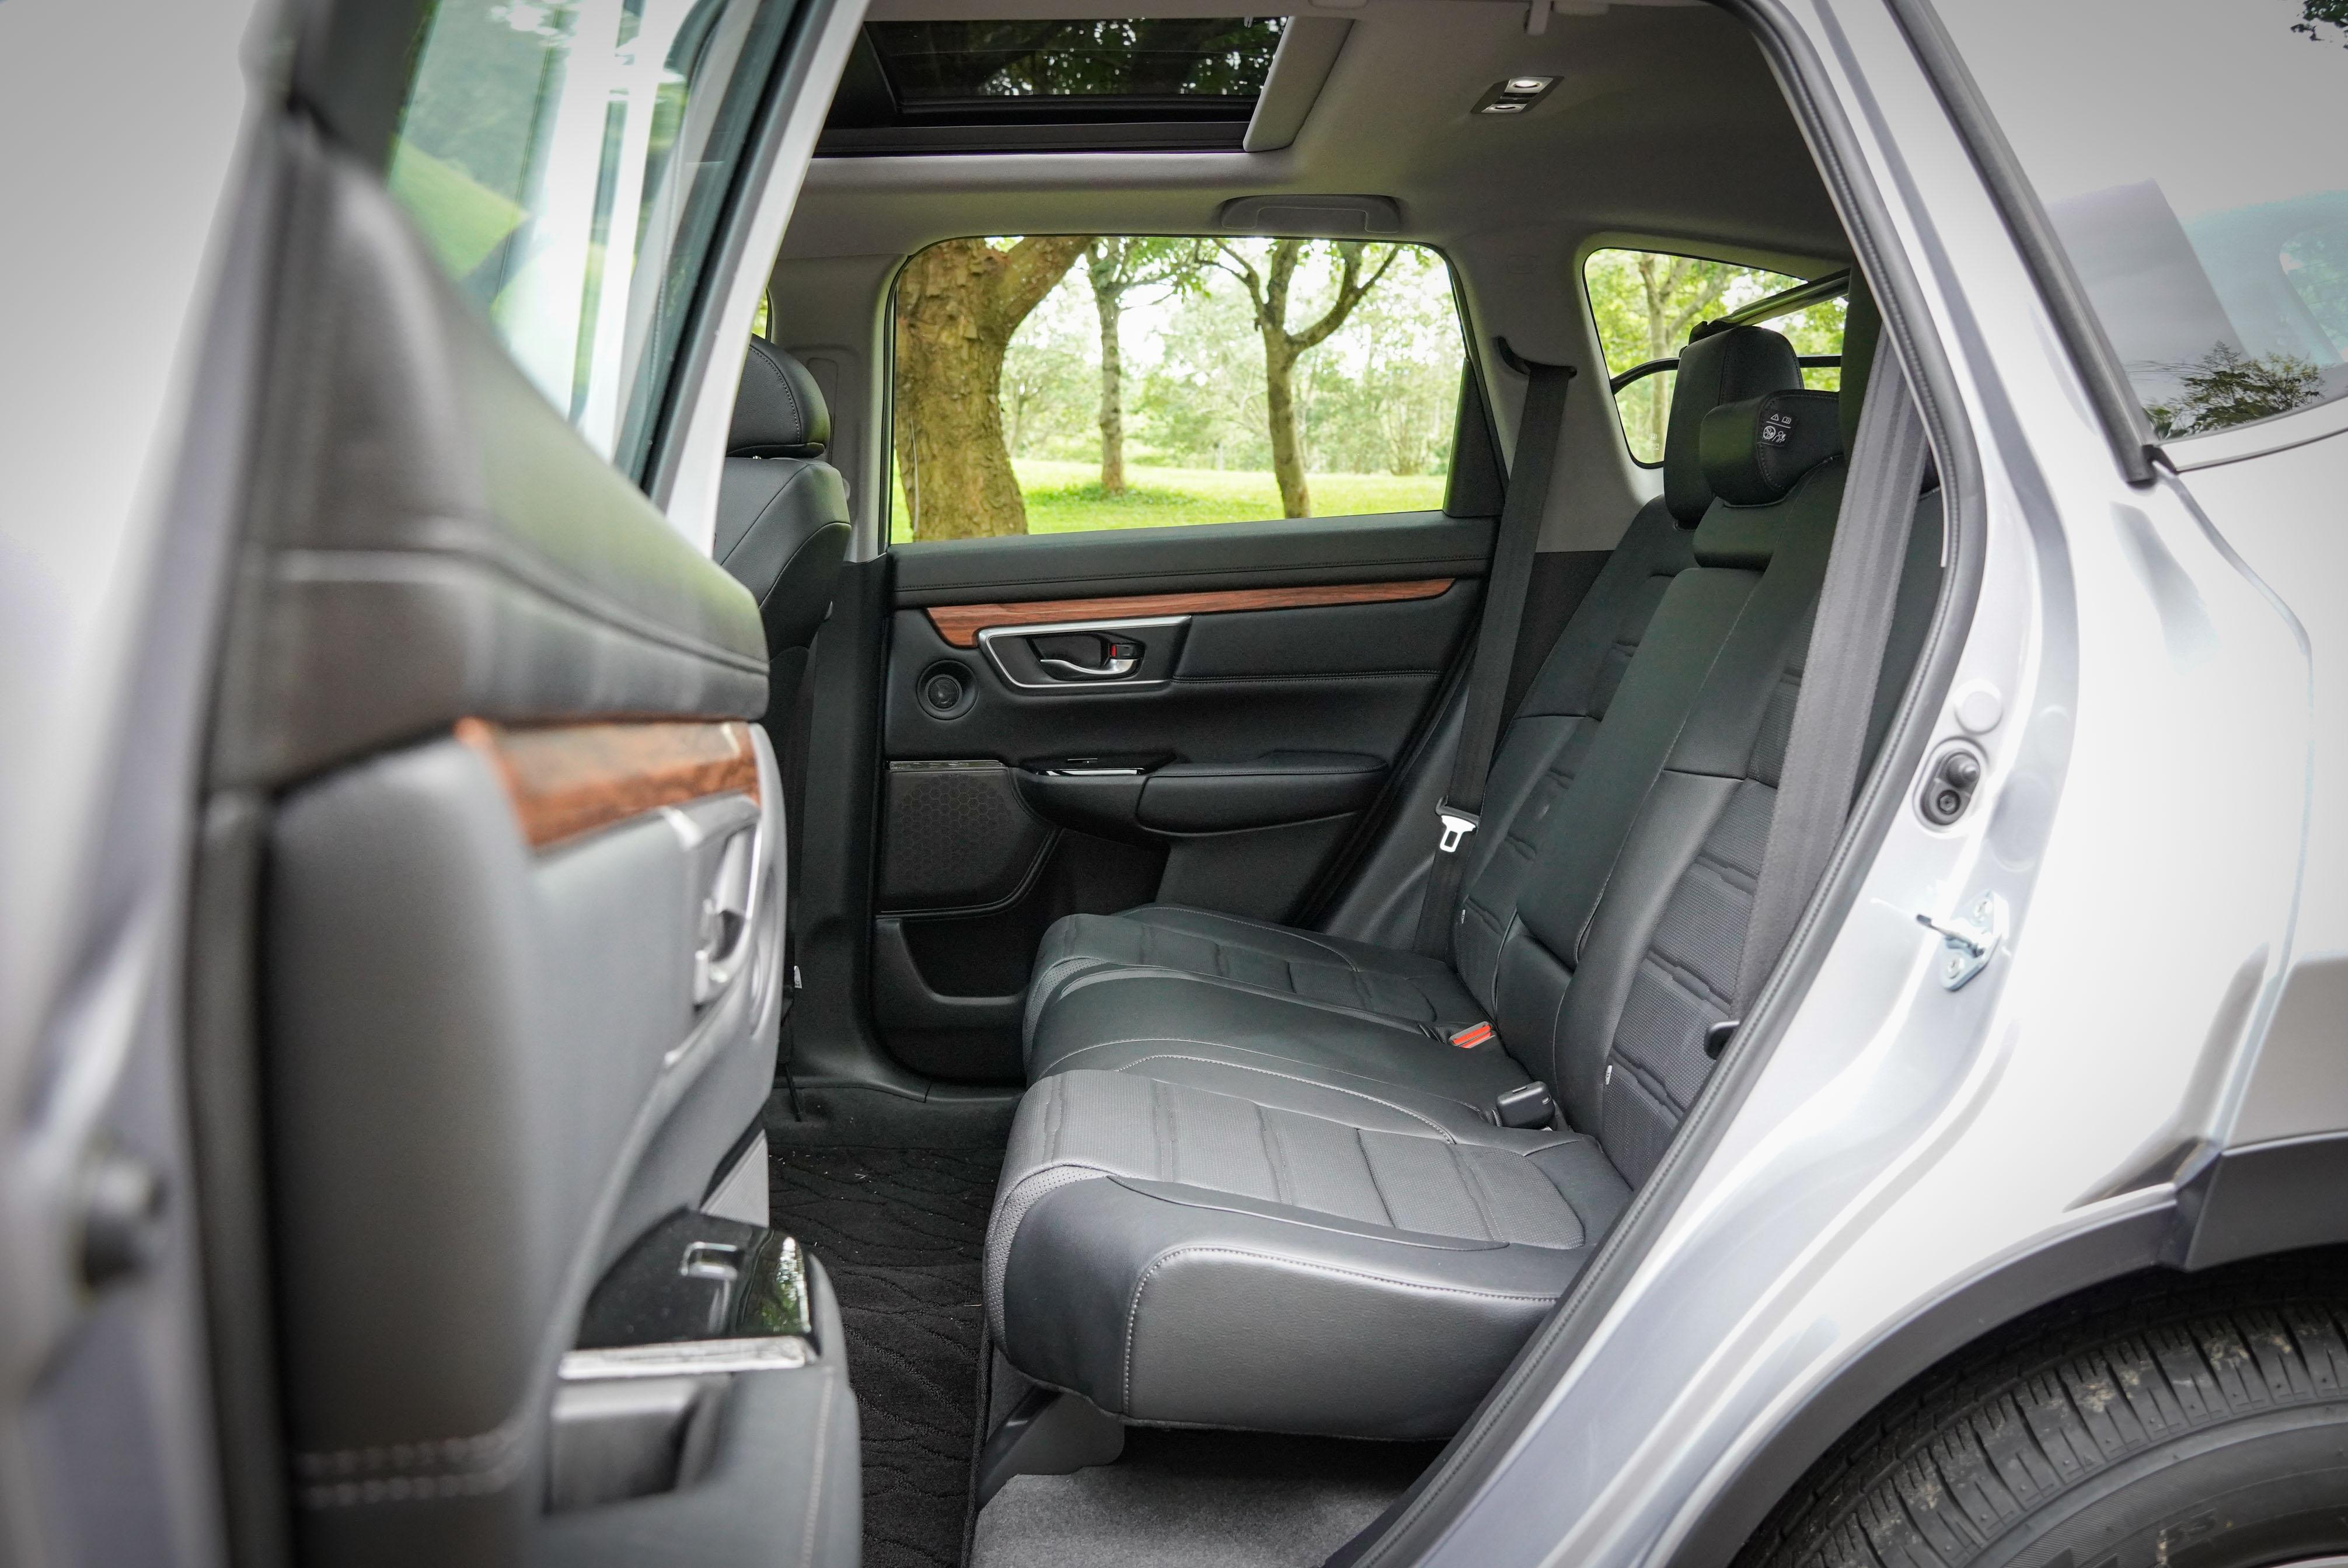 後座乘坐空間較 Ford Kuga 寬敞,與 Toyota RAV4 差不多。